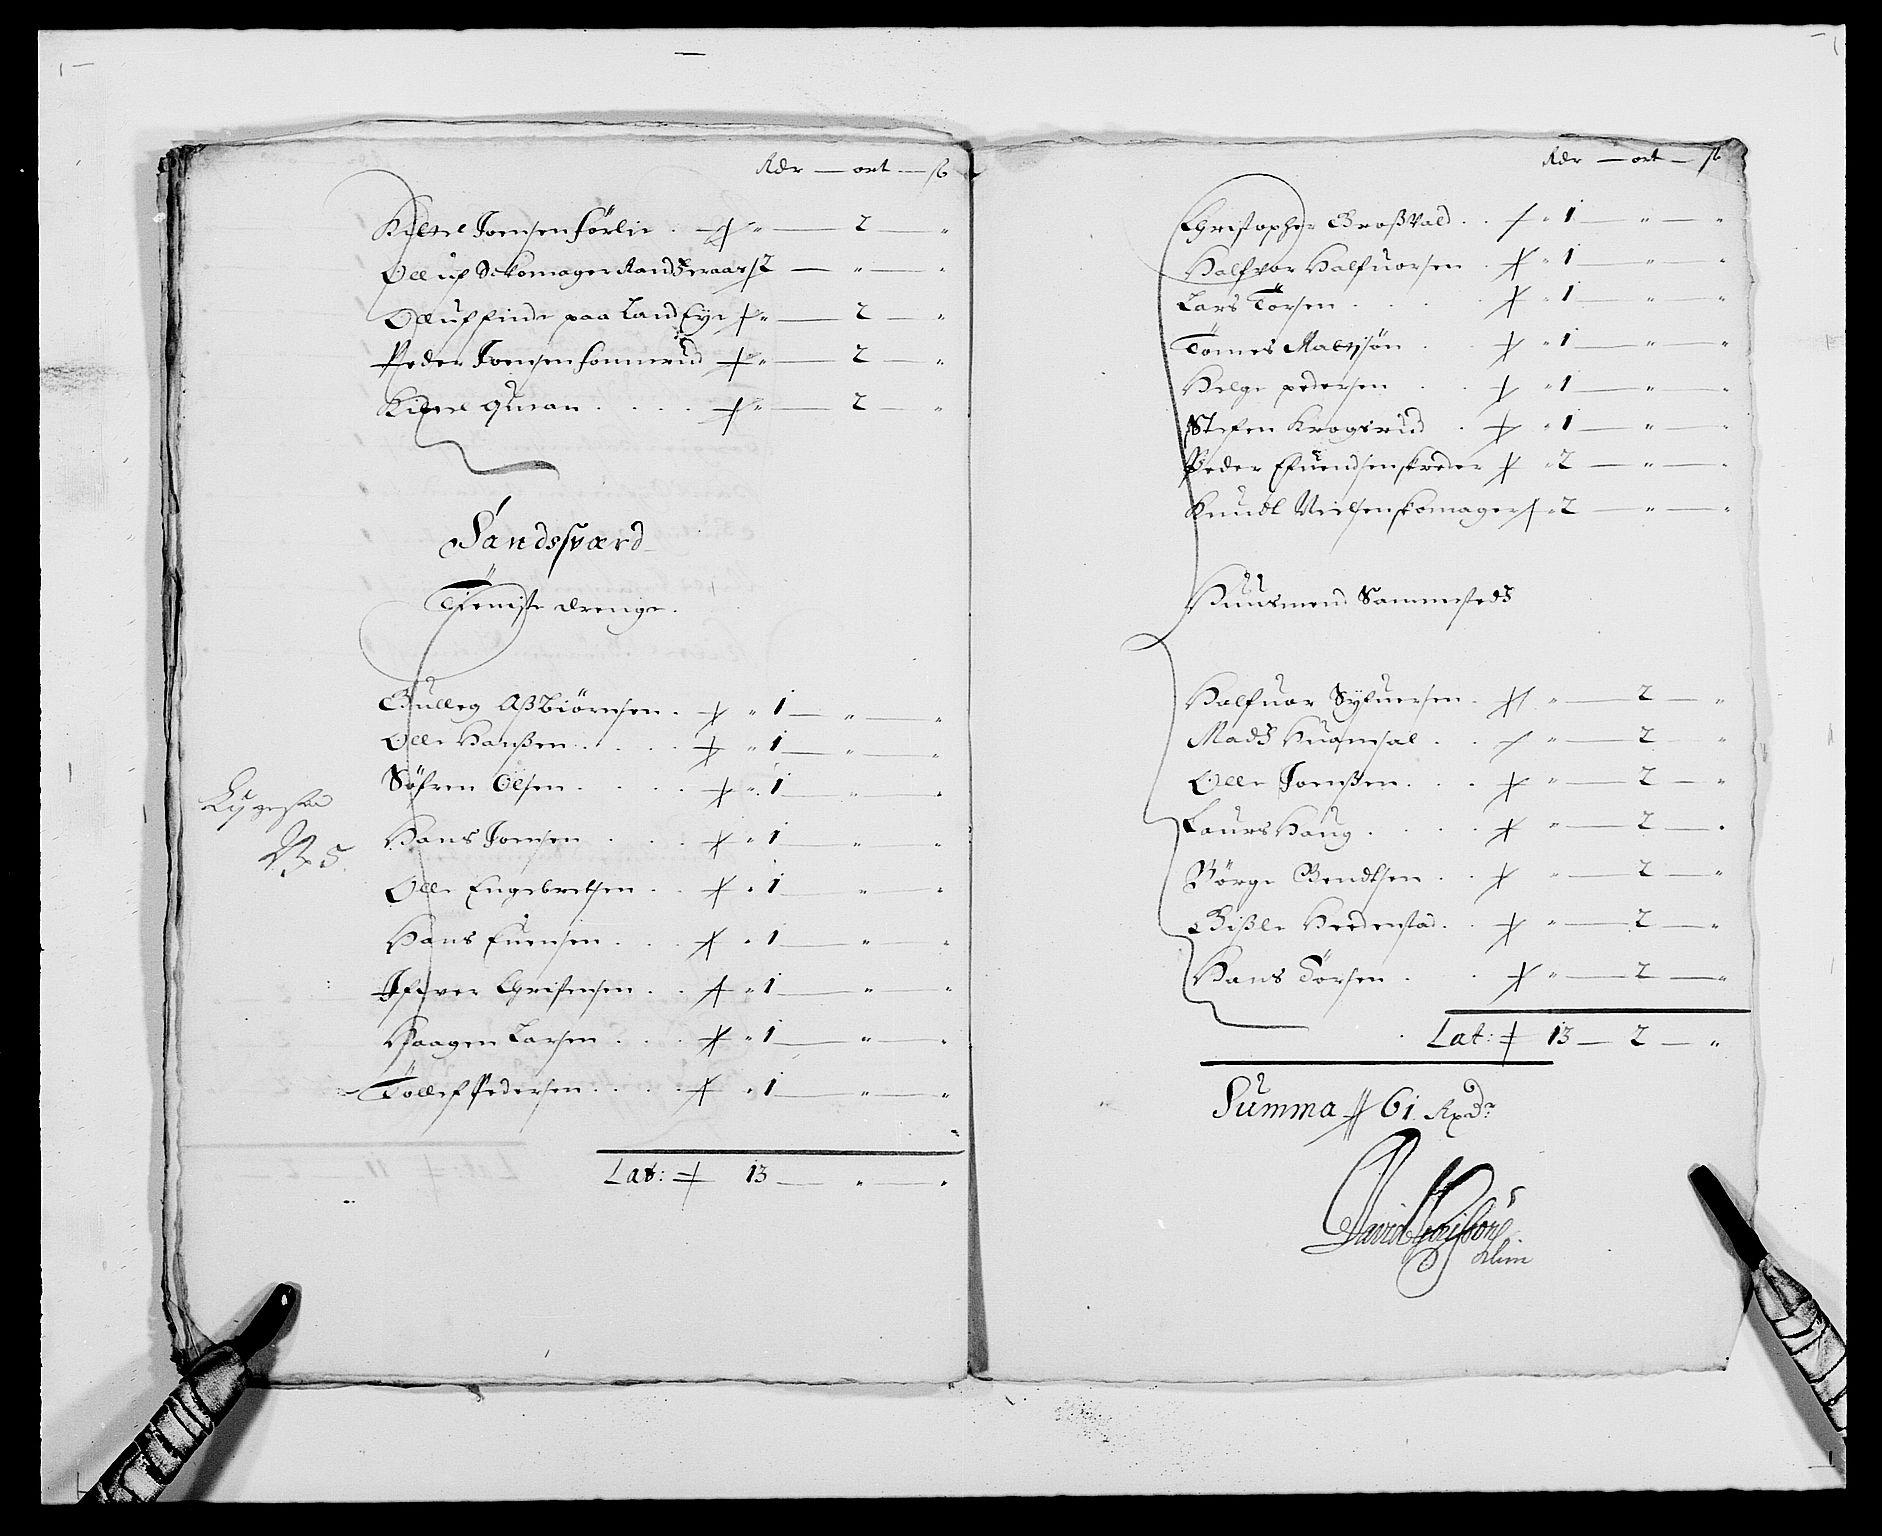 RA, Rentekammeret inntil 1814, Reviderte regnskaper, Fogderegnskap, R24/L1570: Fogderegnskap Numedal og Sandsvær, 1679-1686, s. 340